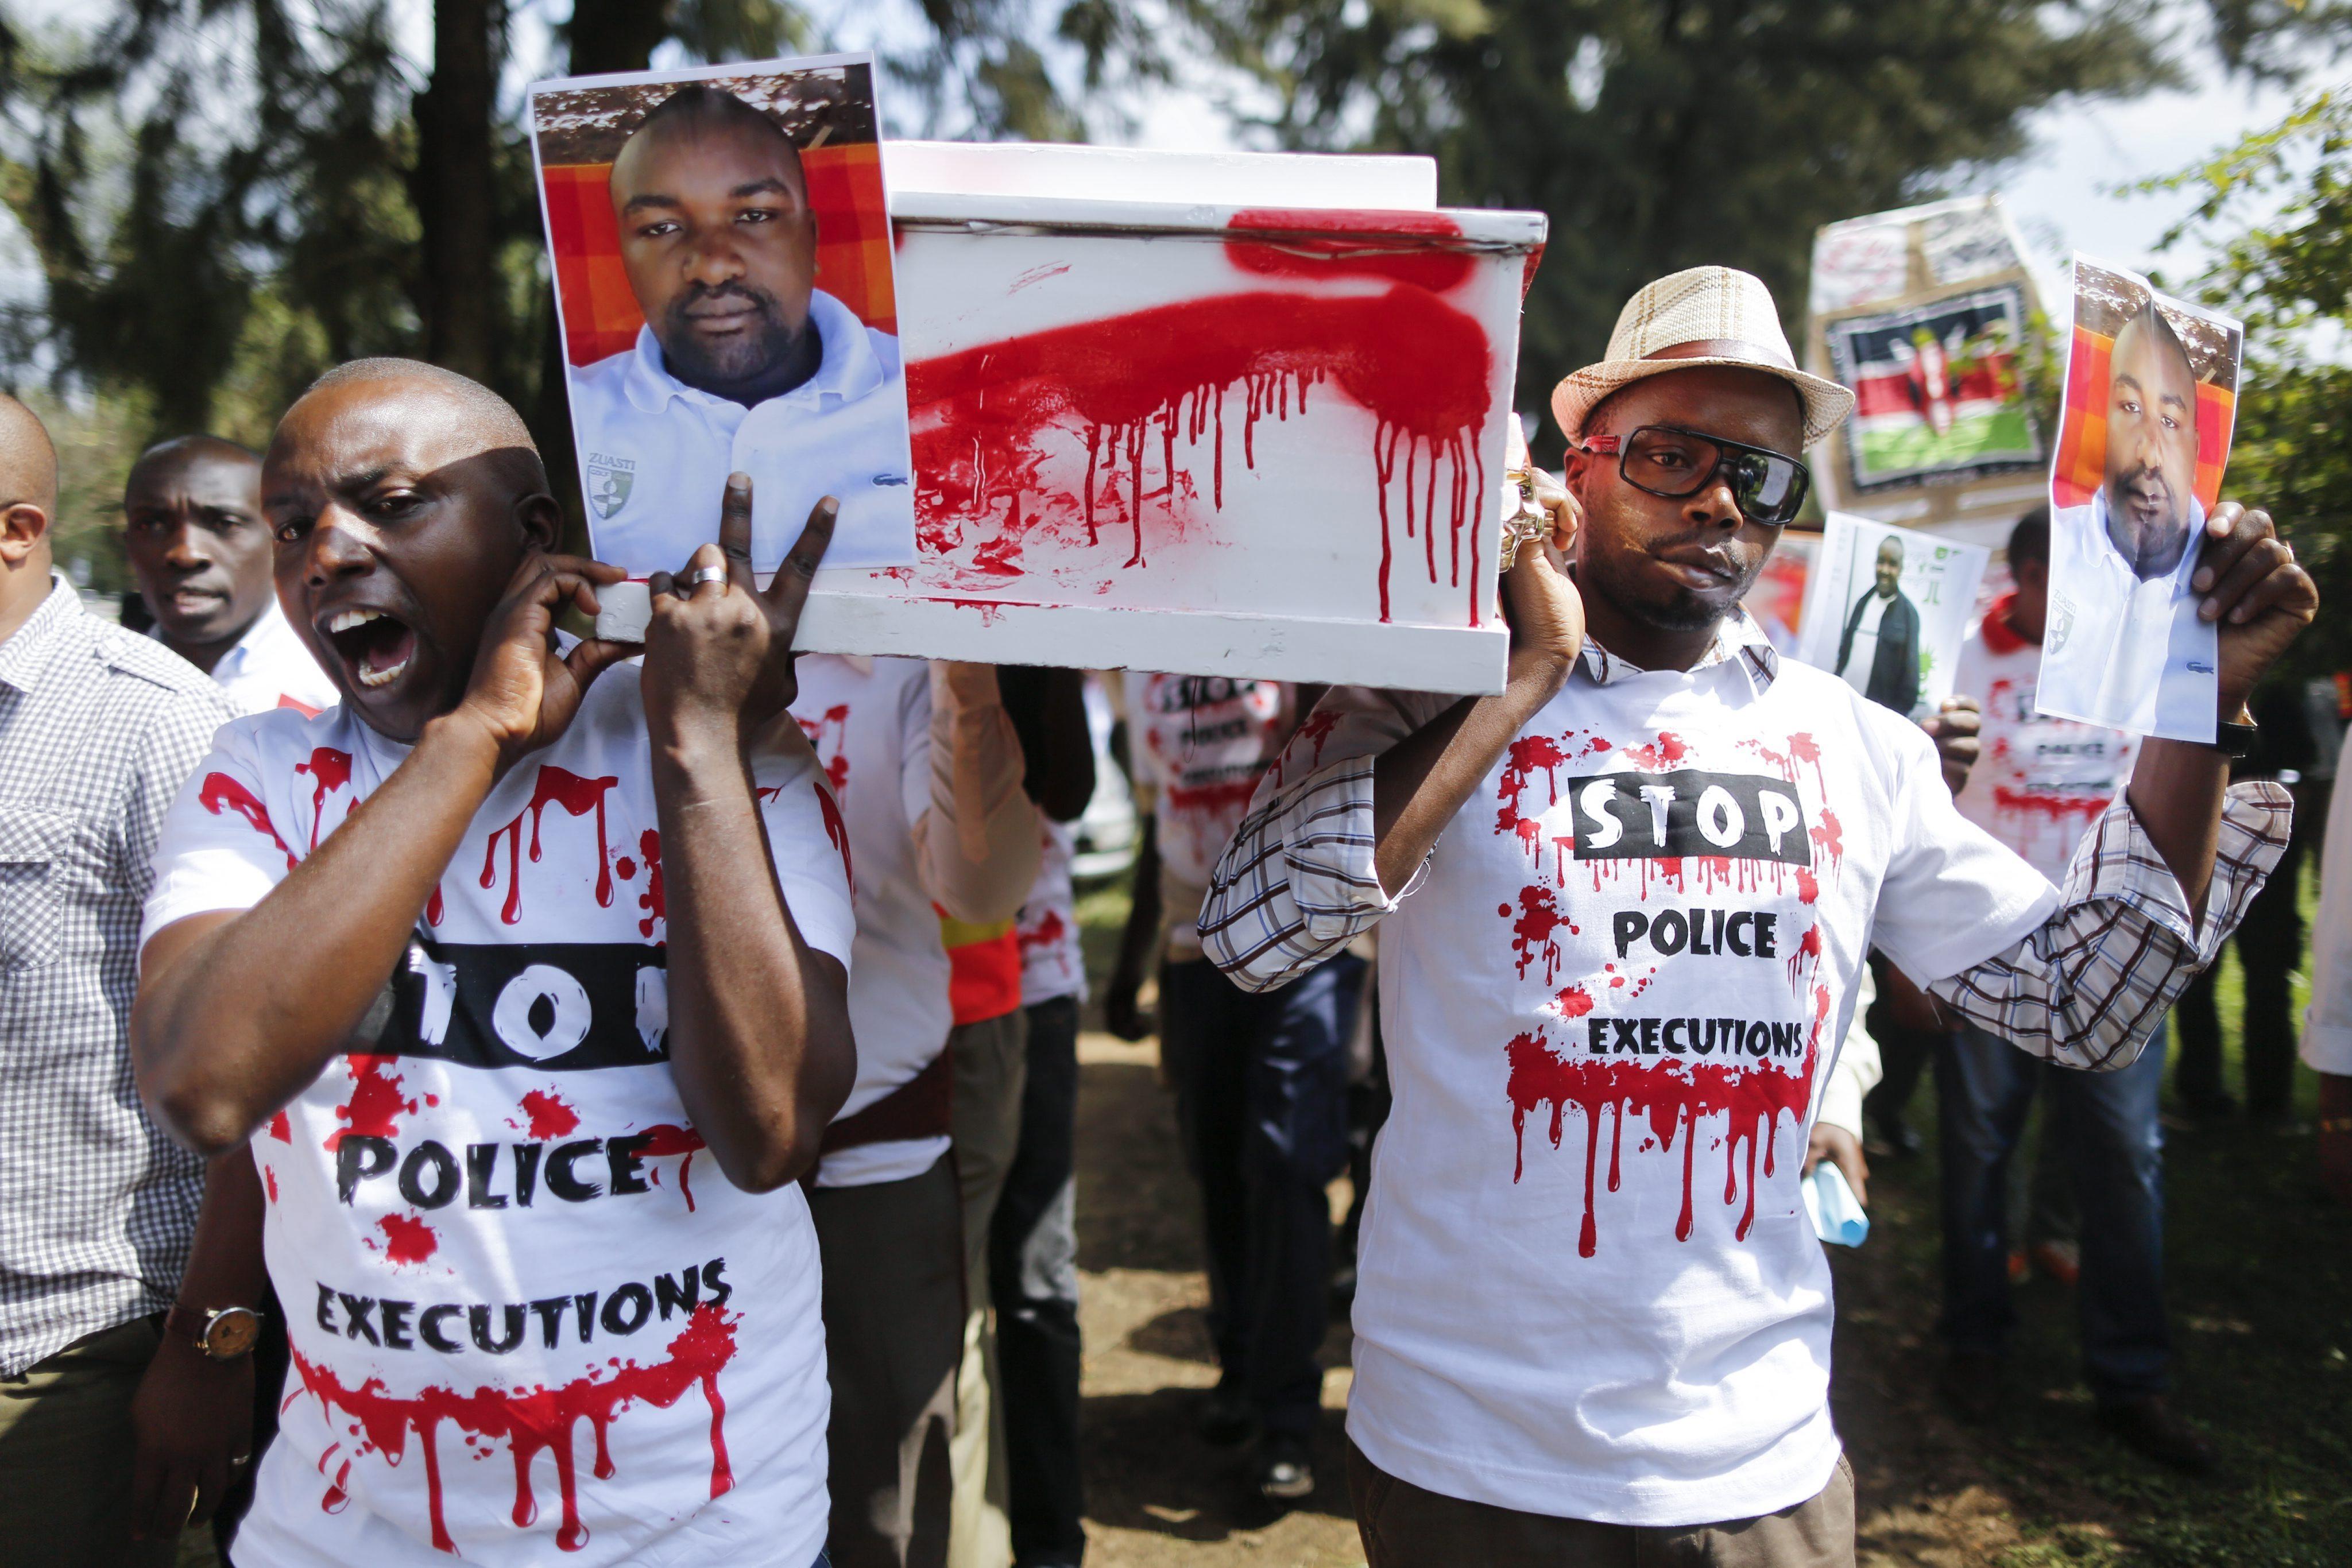 DAI02 NAIROBI (KENIA) 04/07/2016.- Un grupo de personas traslada un ataúd y muestran imágenes de algunas de las víctimas durante una protesta contra las ejecuciones policiales en el centro de Nairobi, Kenia hoy, 4 de julio de 2016. Abogados, activistas y familiares de víctimas de las ejecuciones policiales se manifestaron hoy en las principales ciudades de Kenia para exigir el fin de los asesinatos que la Policía y otros cuerpos de seguridad practican con impunidad. En 2014, 181 personas fueron ejecutadas por la Policía en Kenia, 97 en 2015 y 53 entre enero y abril de este año, estima la Unidad Médico-Legal Independiente (IMLU), que realiza informes sobre la tortura. EFE/Dai Kurokawa